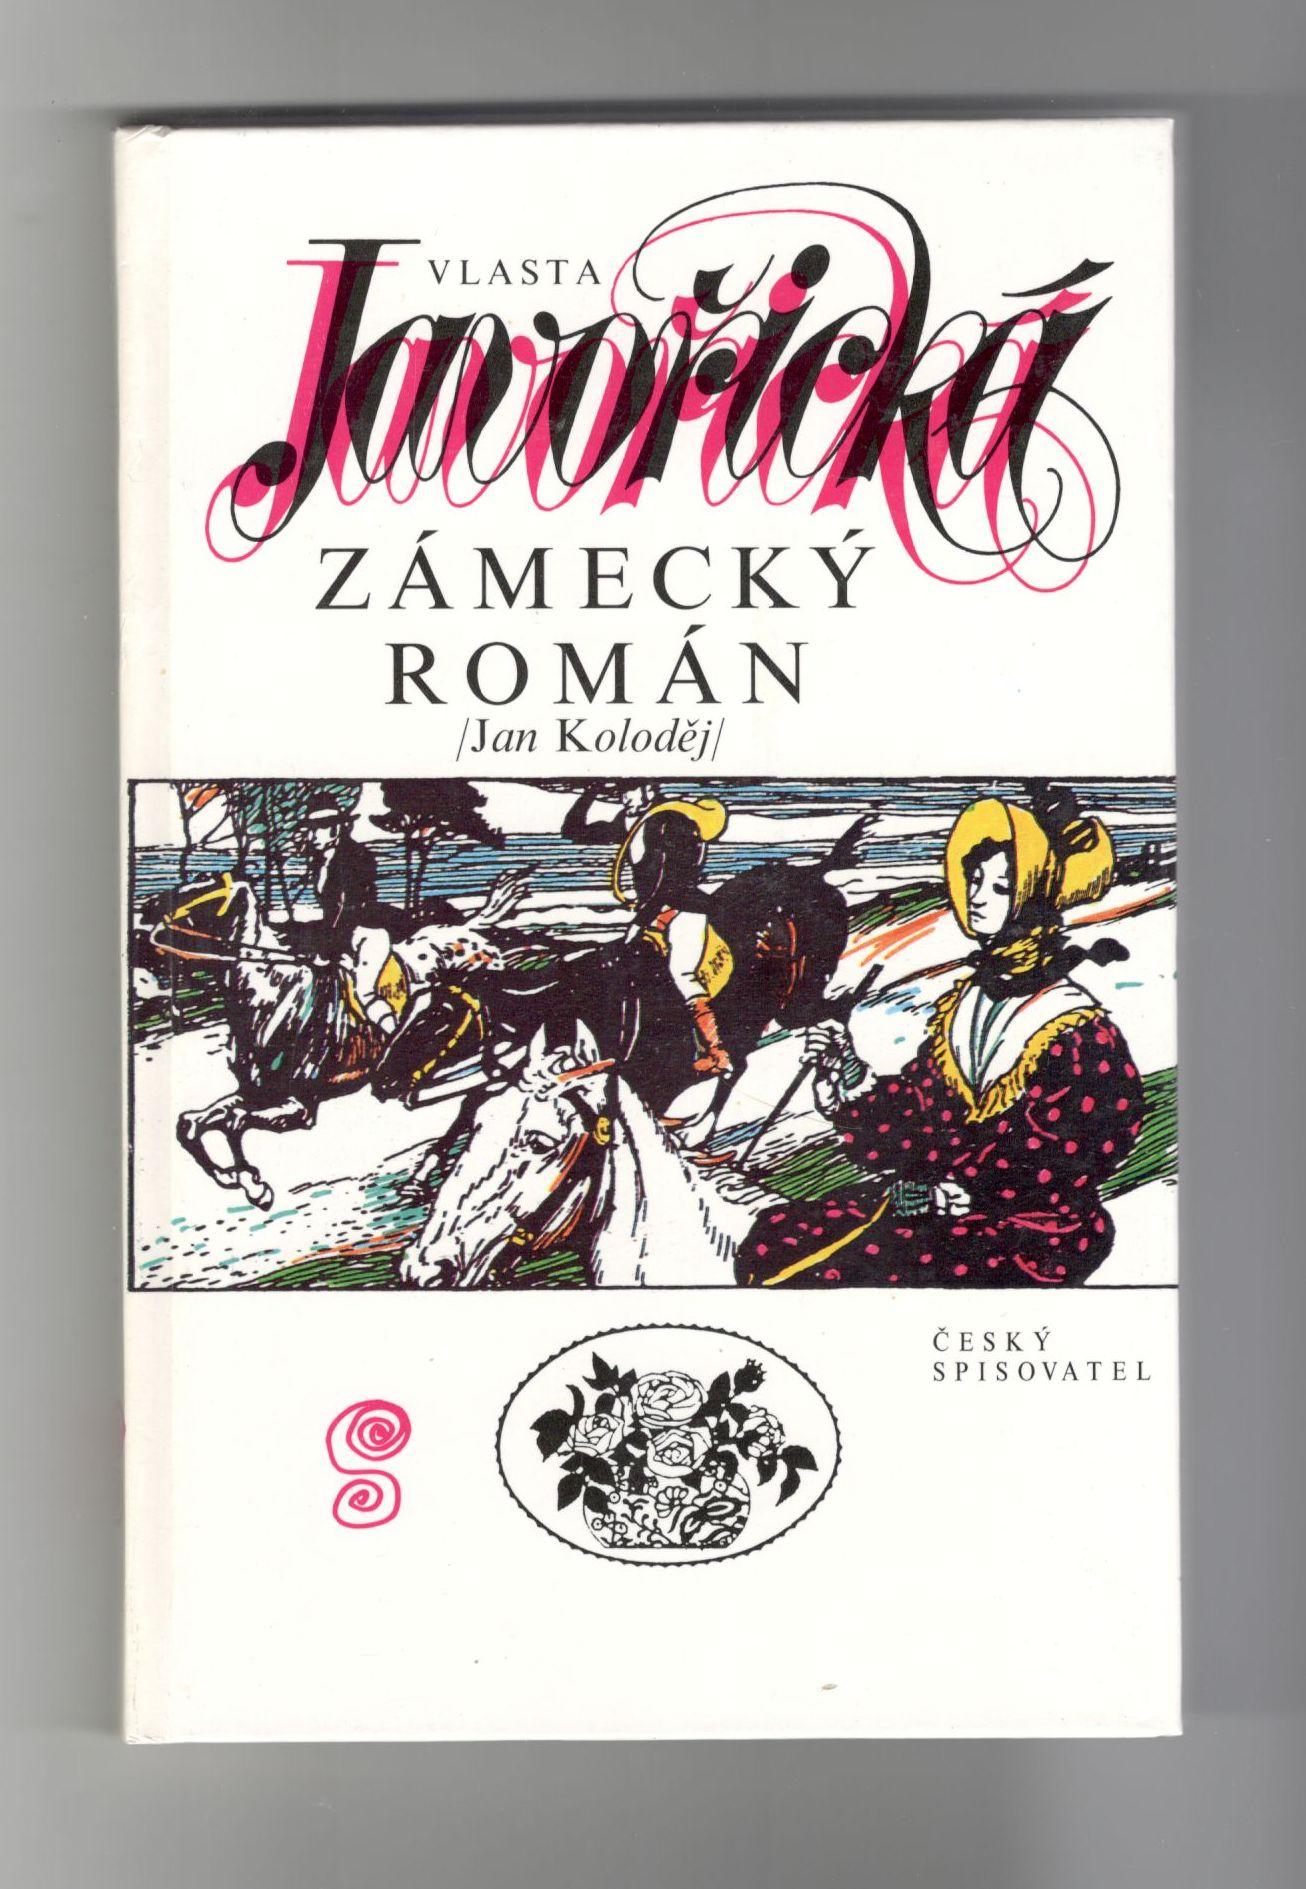 Zámecký román - Vlasta Javořická (Jan Koloděj)